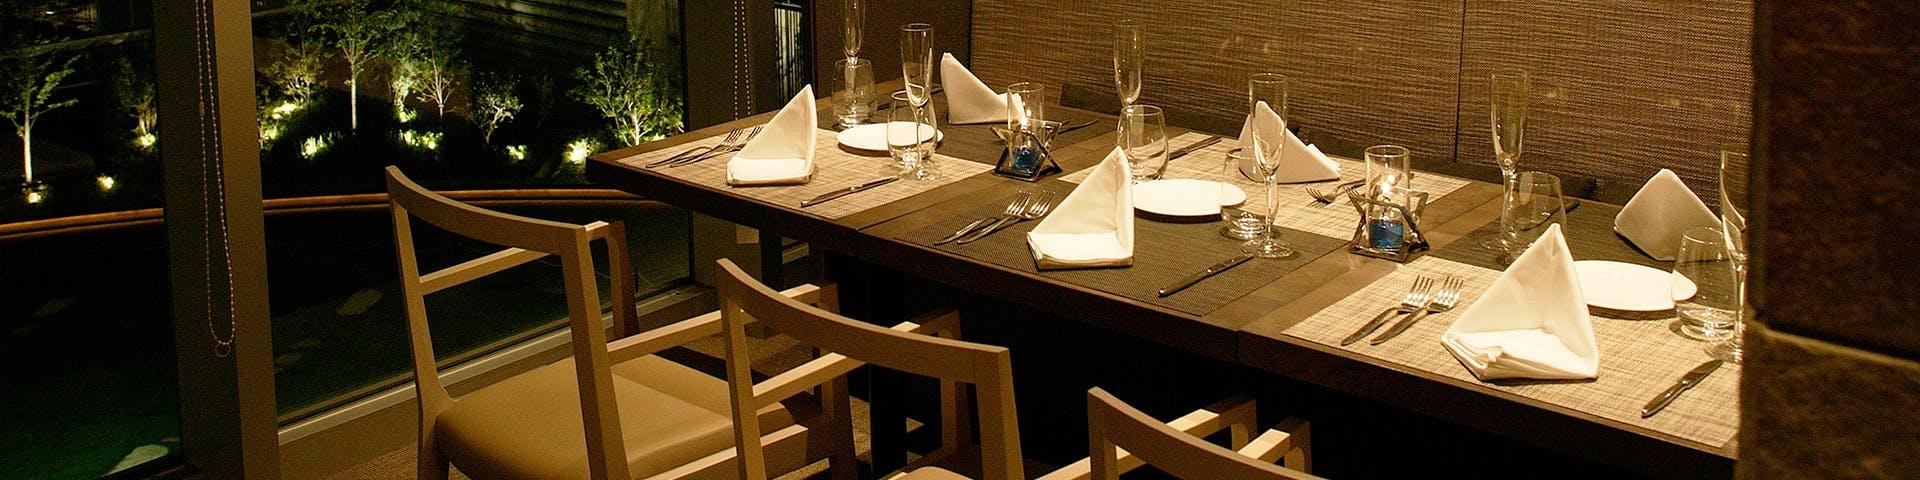 銀座三越 レストラン